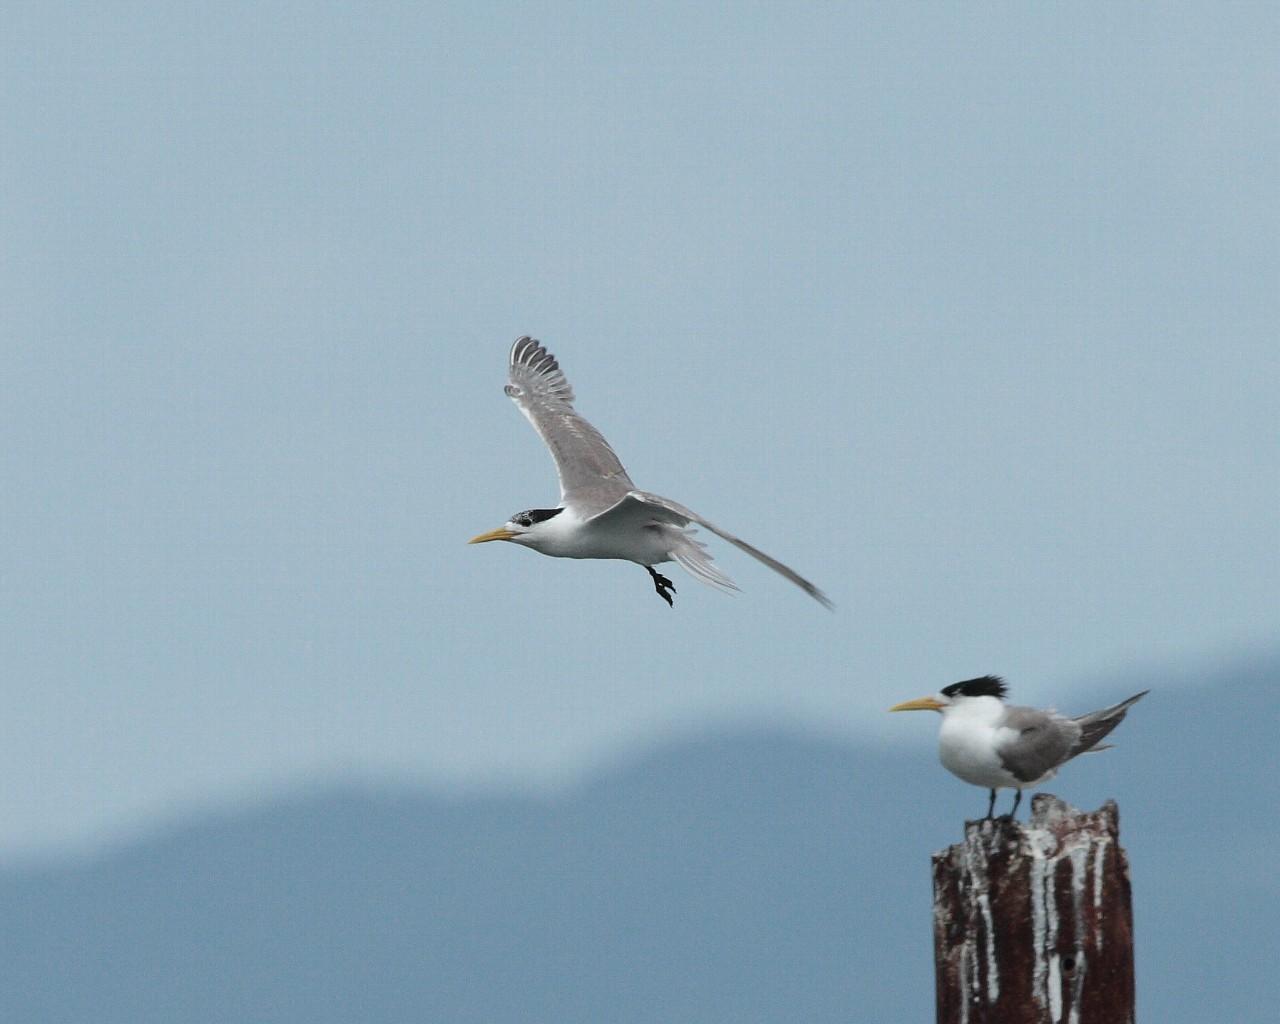 帰省の途中下車の鳥: オオアジサシ_f0105570_21121228.jpg